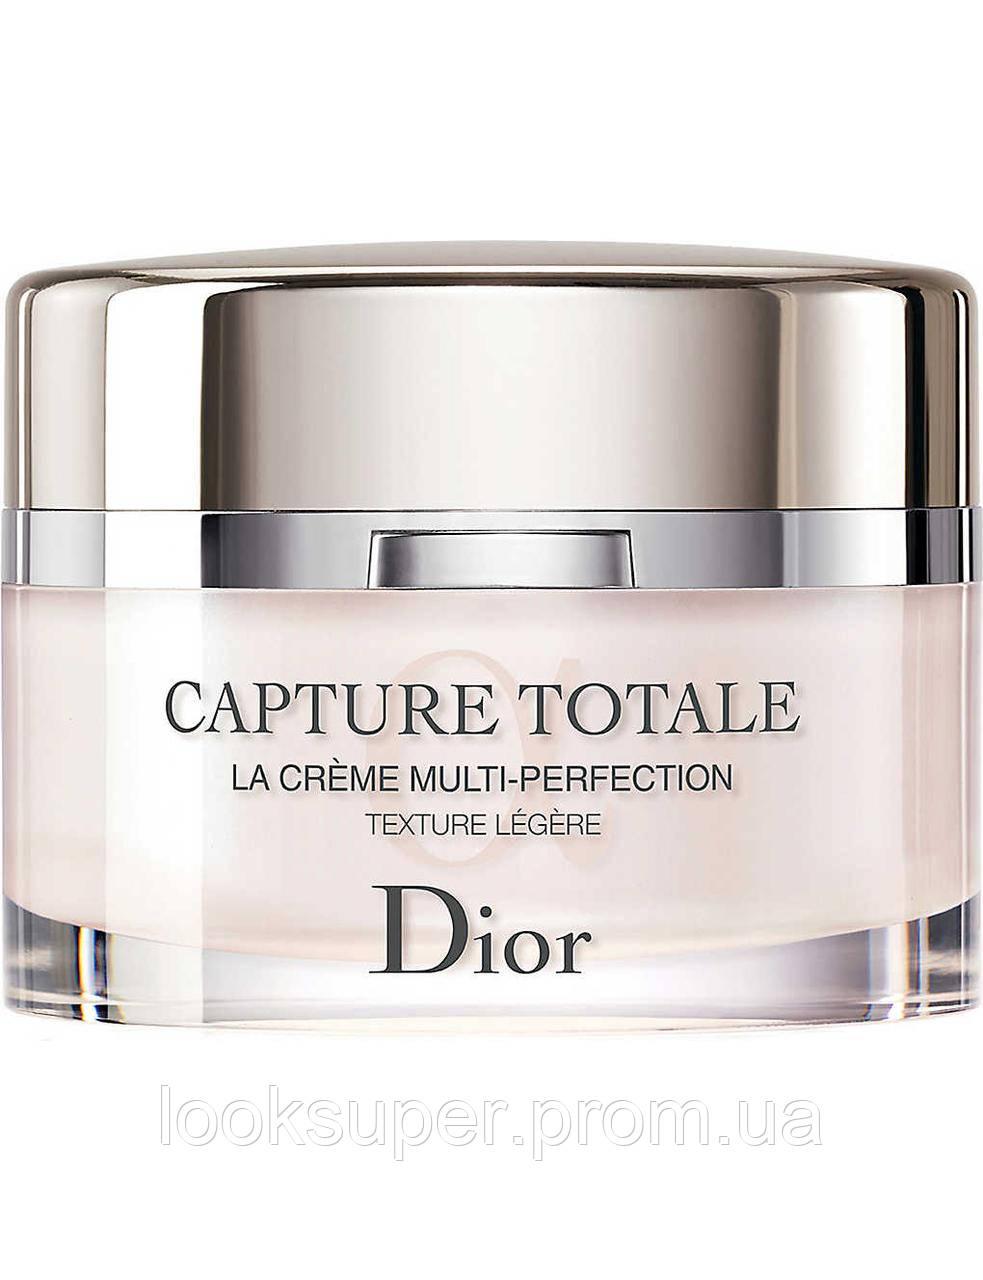 Тотальный крем DIOR Multi-Perfection Creme Light Texture (60ml)